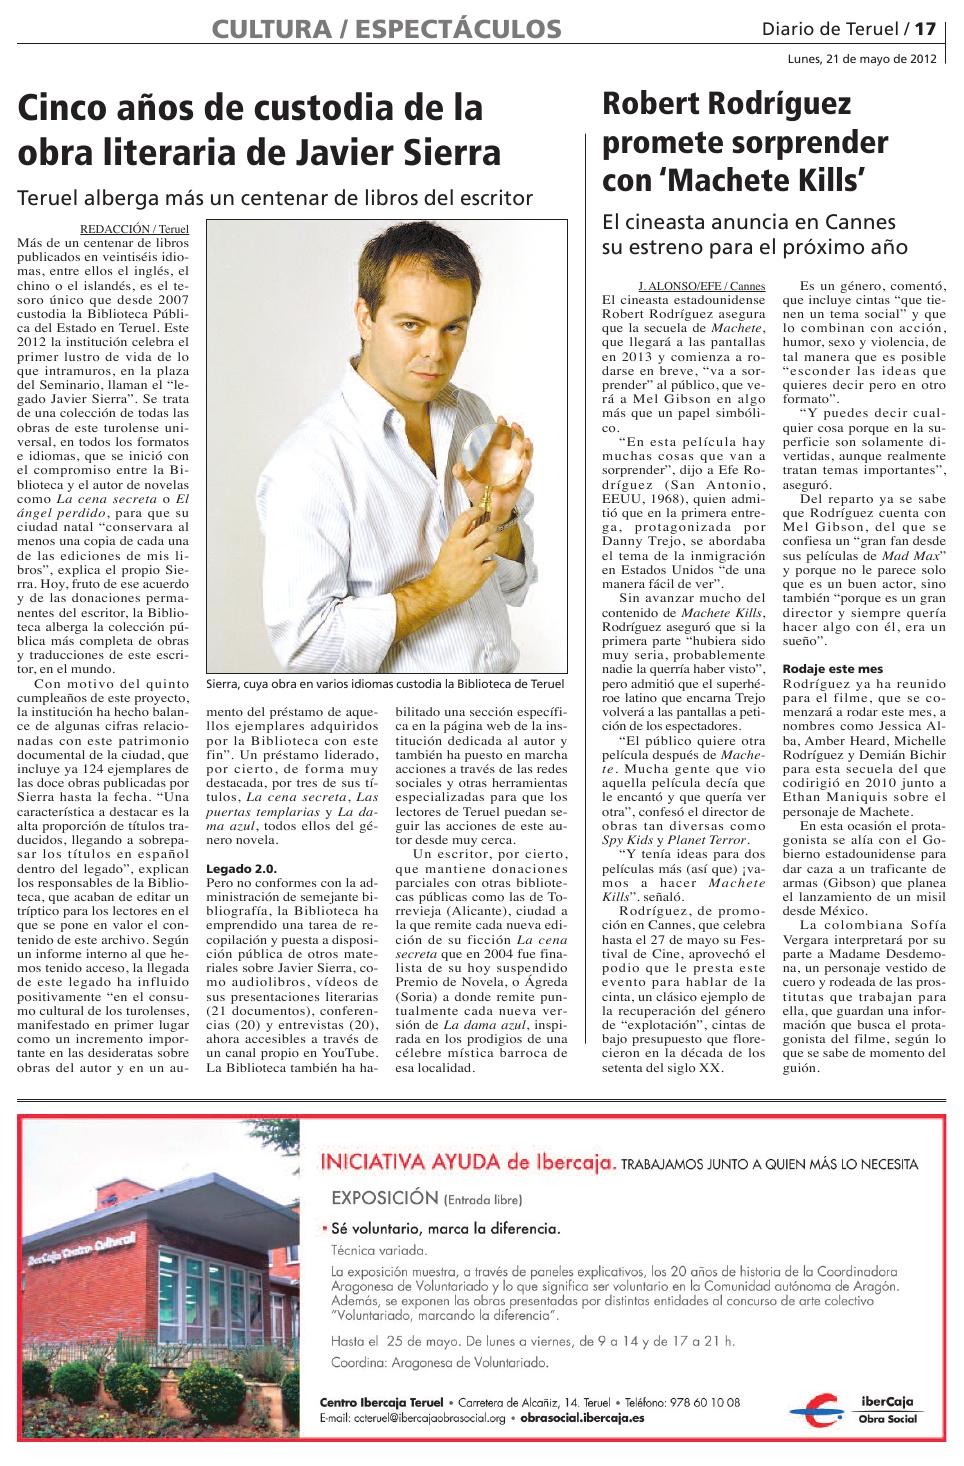 20120521 DIARIO DE TERUEL Cinco años de custodia de la obra literari